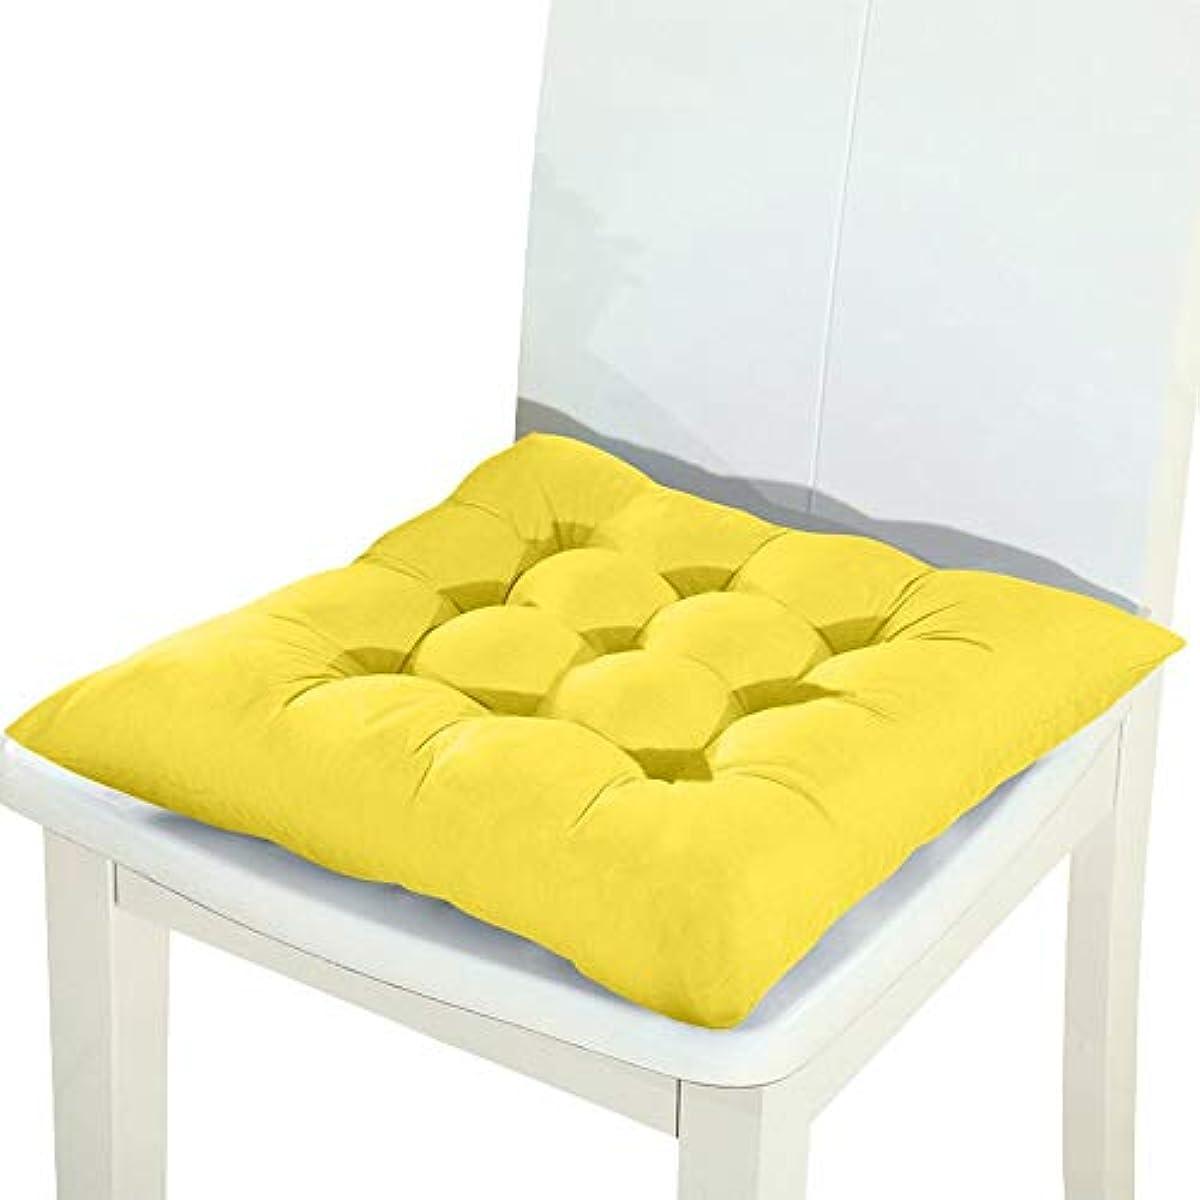 トリップモンクアクセスLIFE 1/2/4 個冬オフィスバー椅子バックシートクッションシートクッションパッドソファ枕臀部椅子クッション 37 × 37 センチメートル クッション 椅子